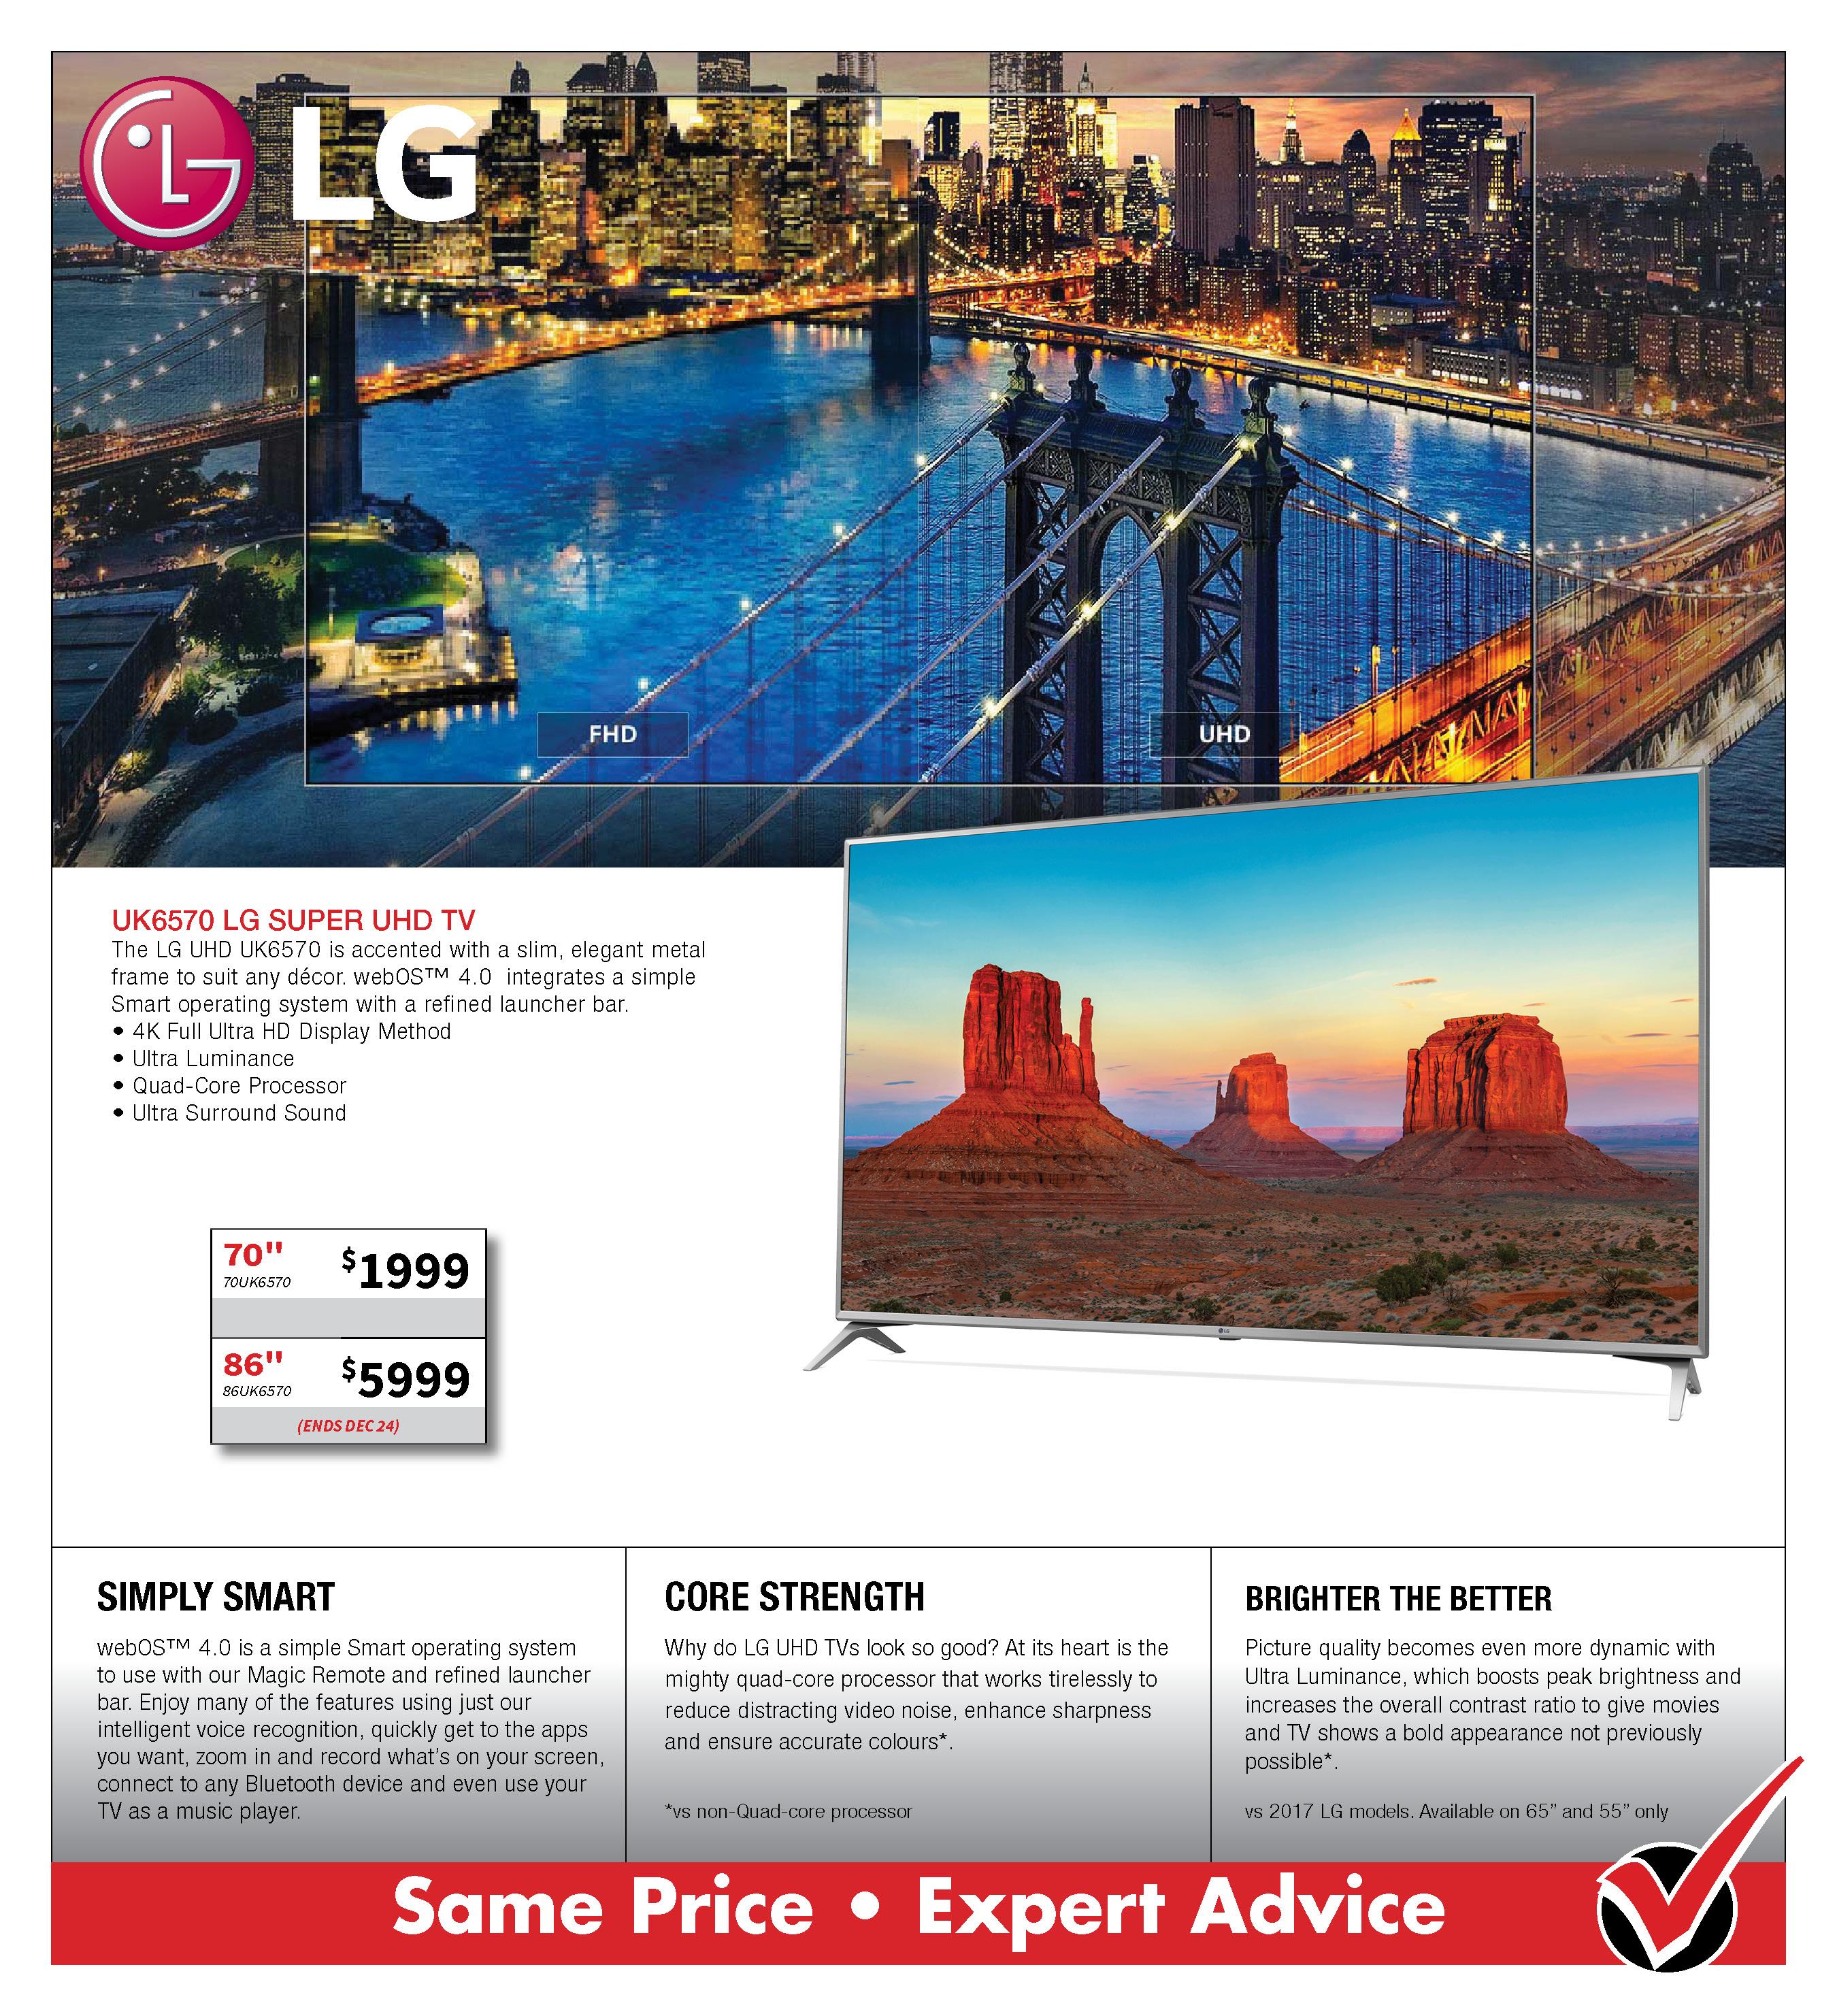 LG UK6570 SUPER UHD TV